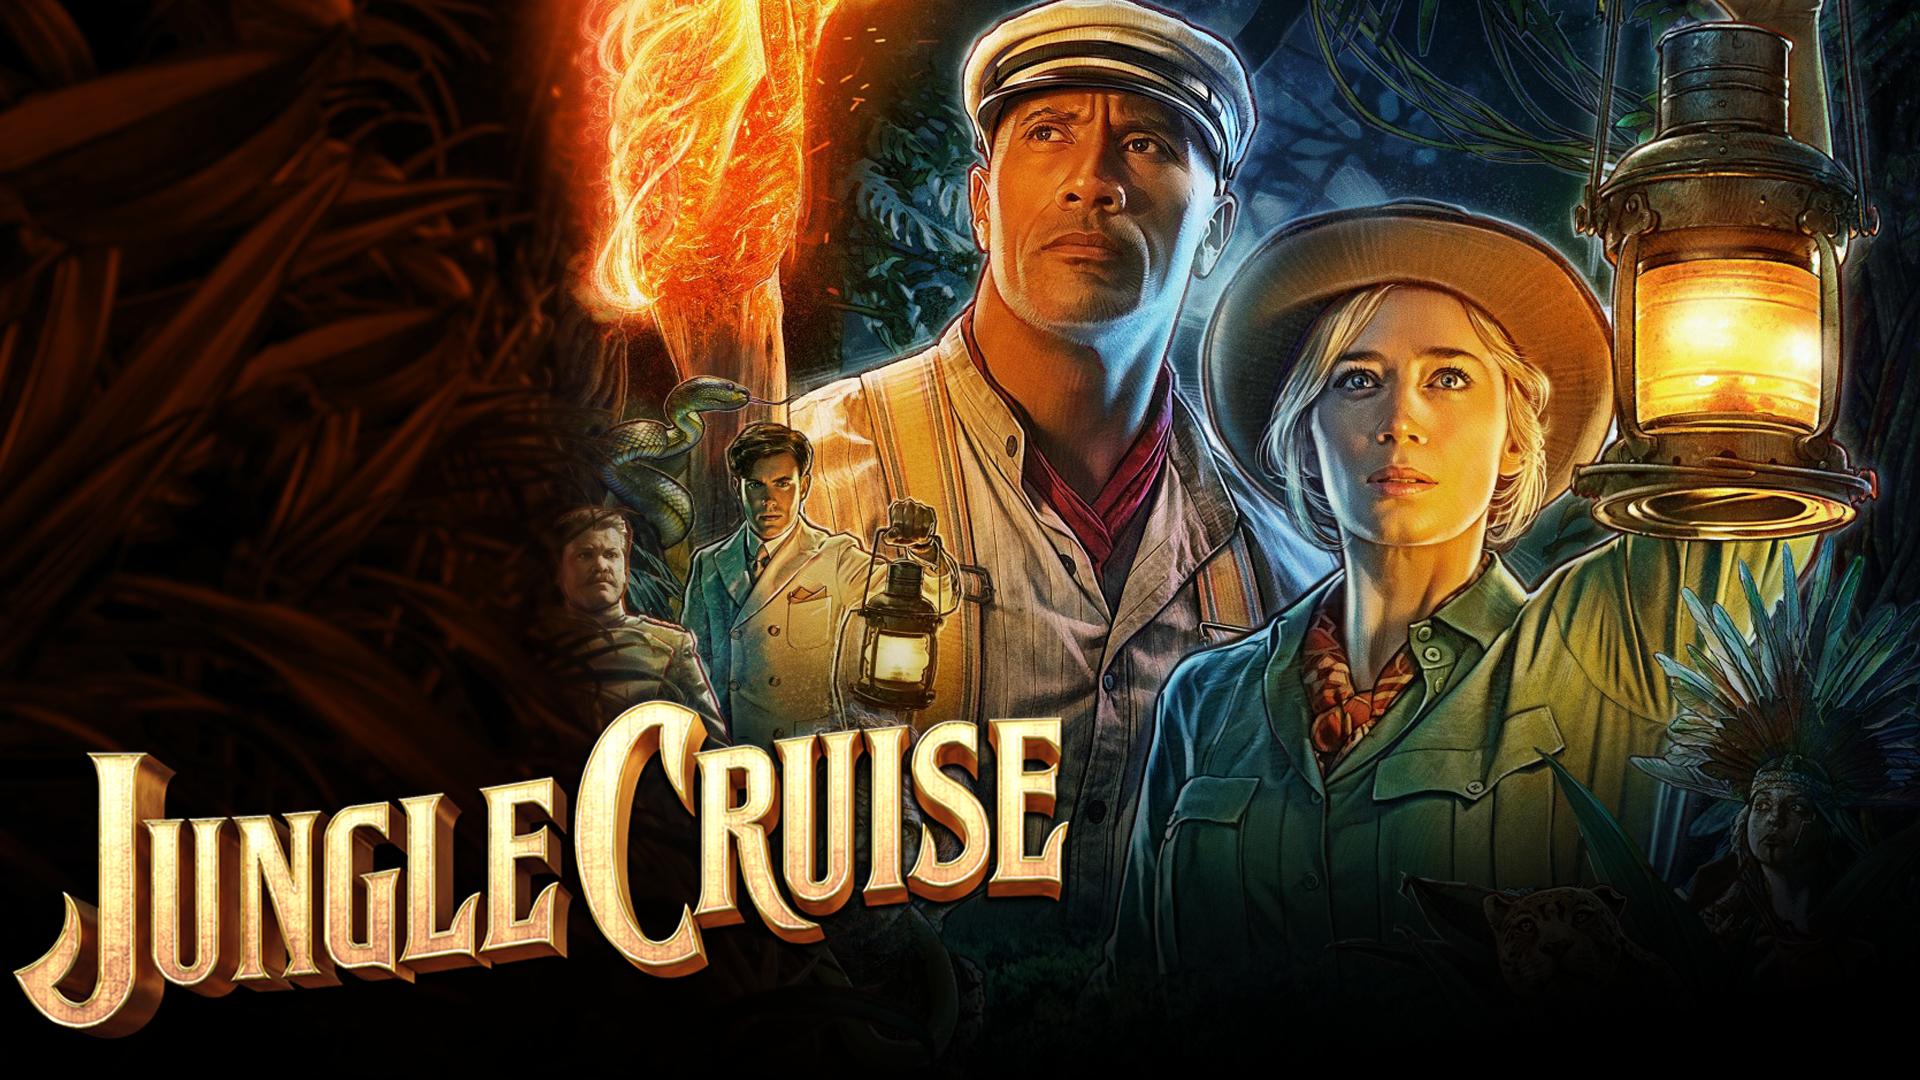 Jungle Cruise is weird, but fun